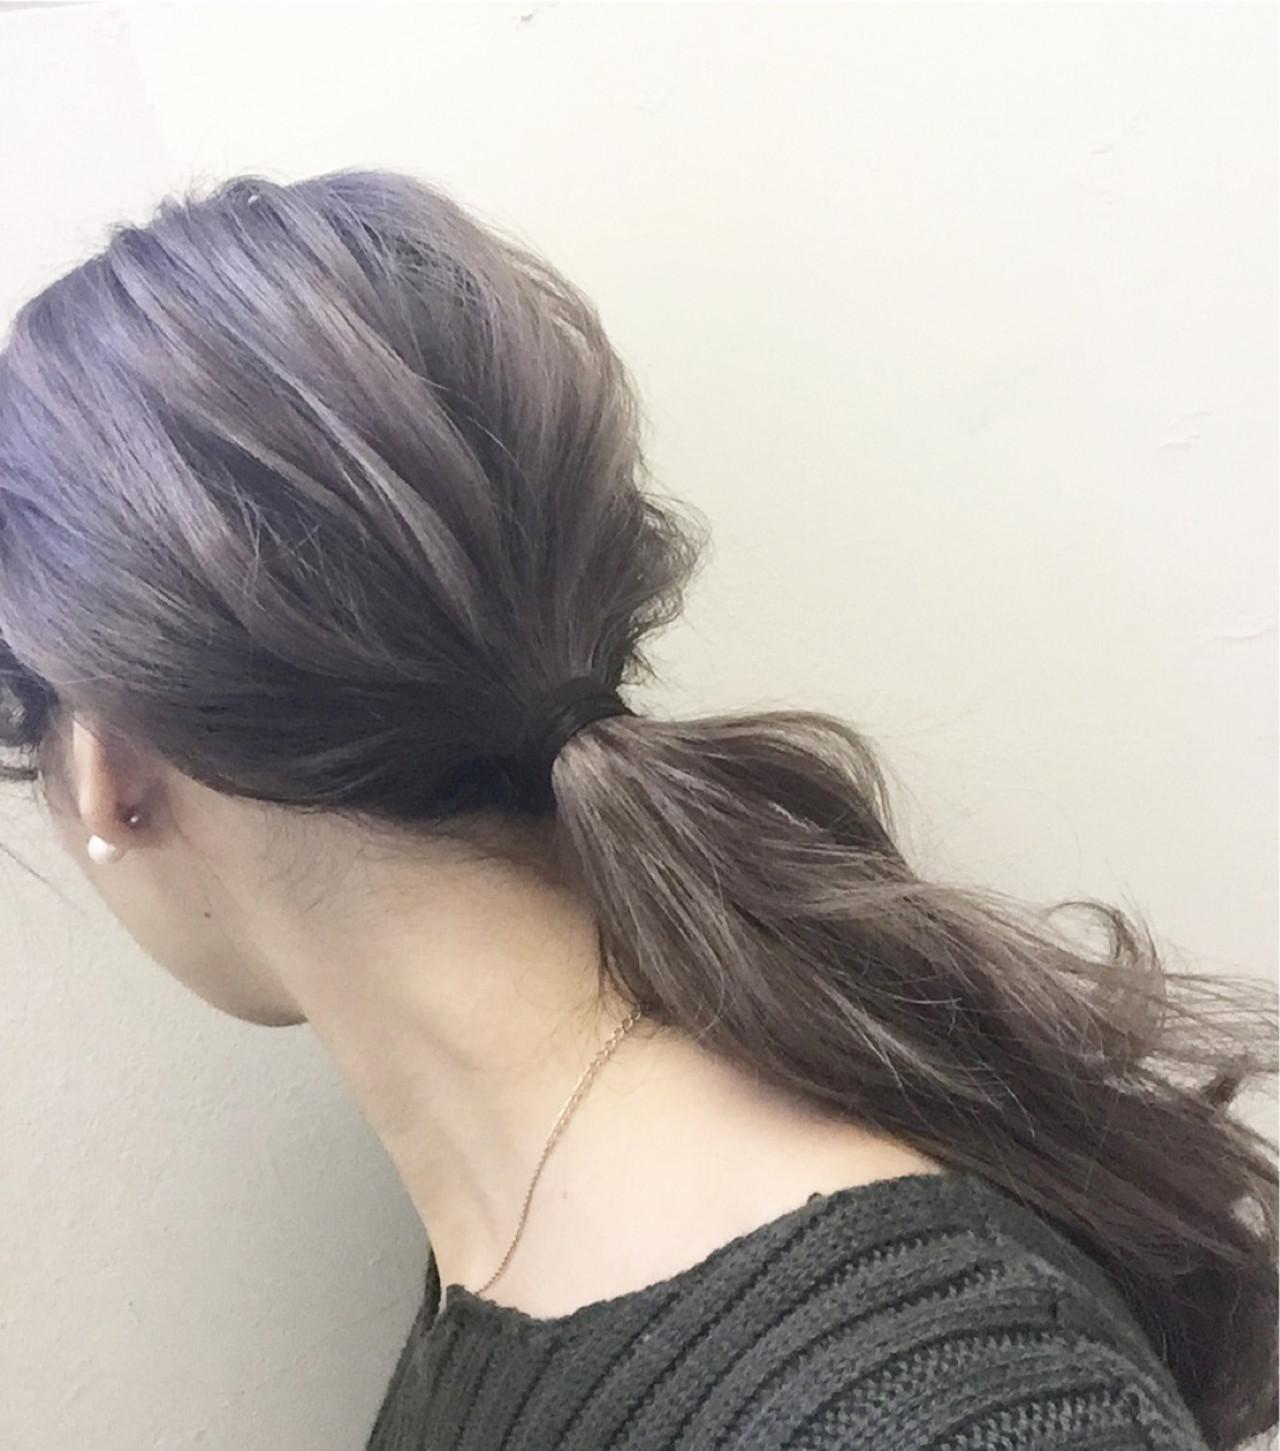 パーマ ストリート 大人女子 ロング ヘアスタイルや髪型の写真・画像